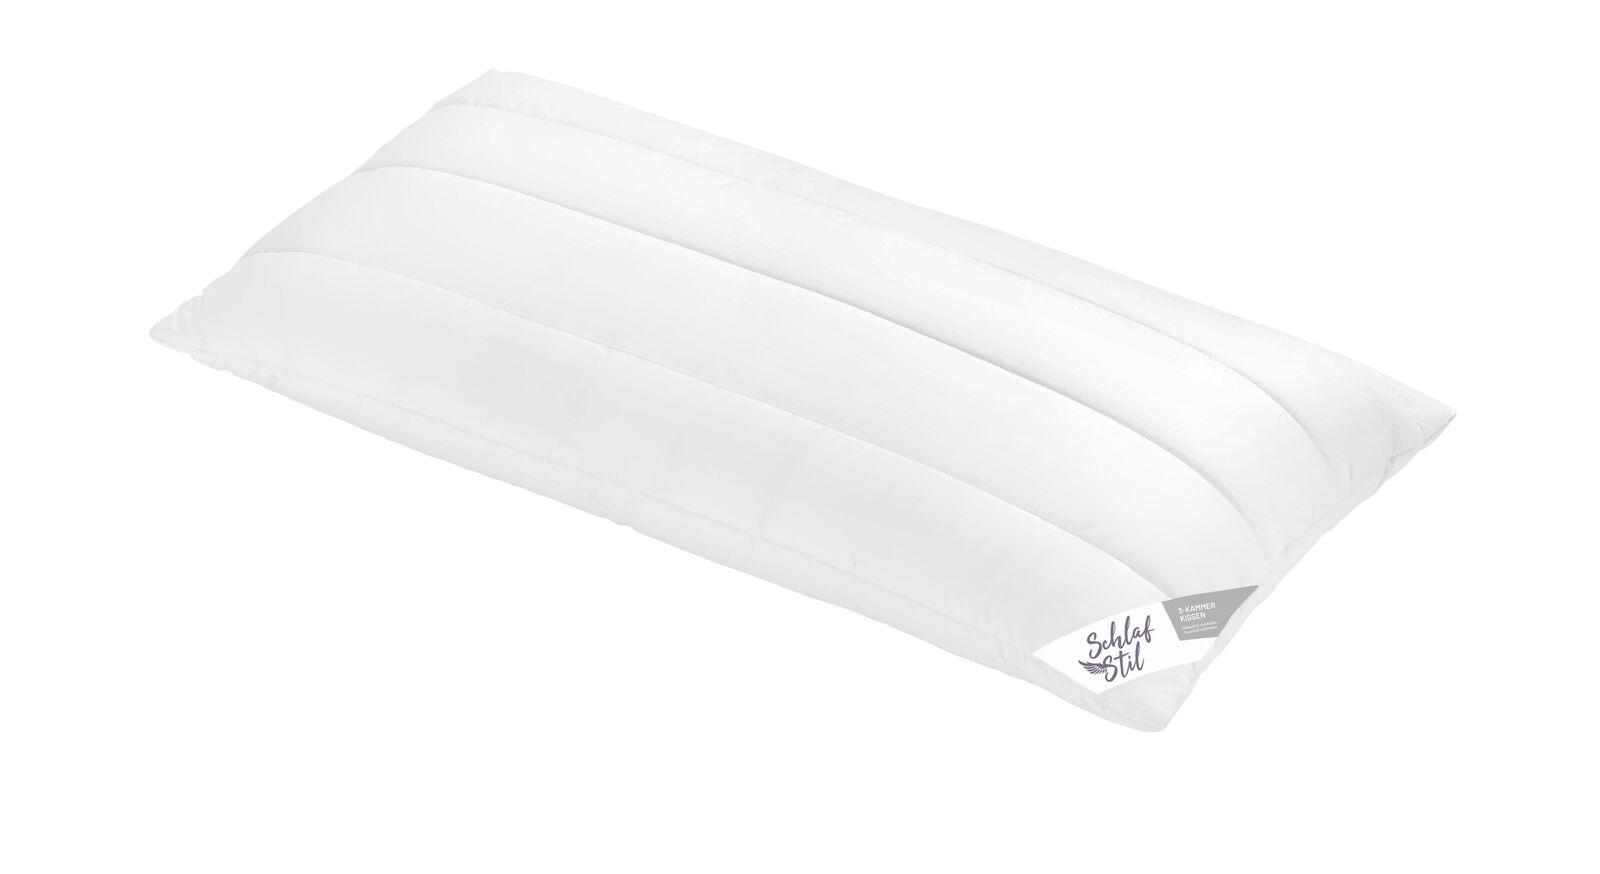 SCHLAFSTIL Markenfaser-Kissen F200 in 40x80 cm mit gestepptem Bezug